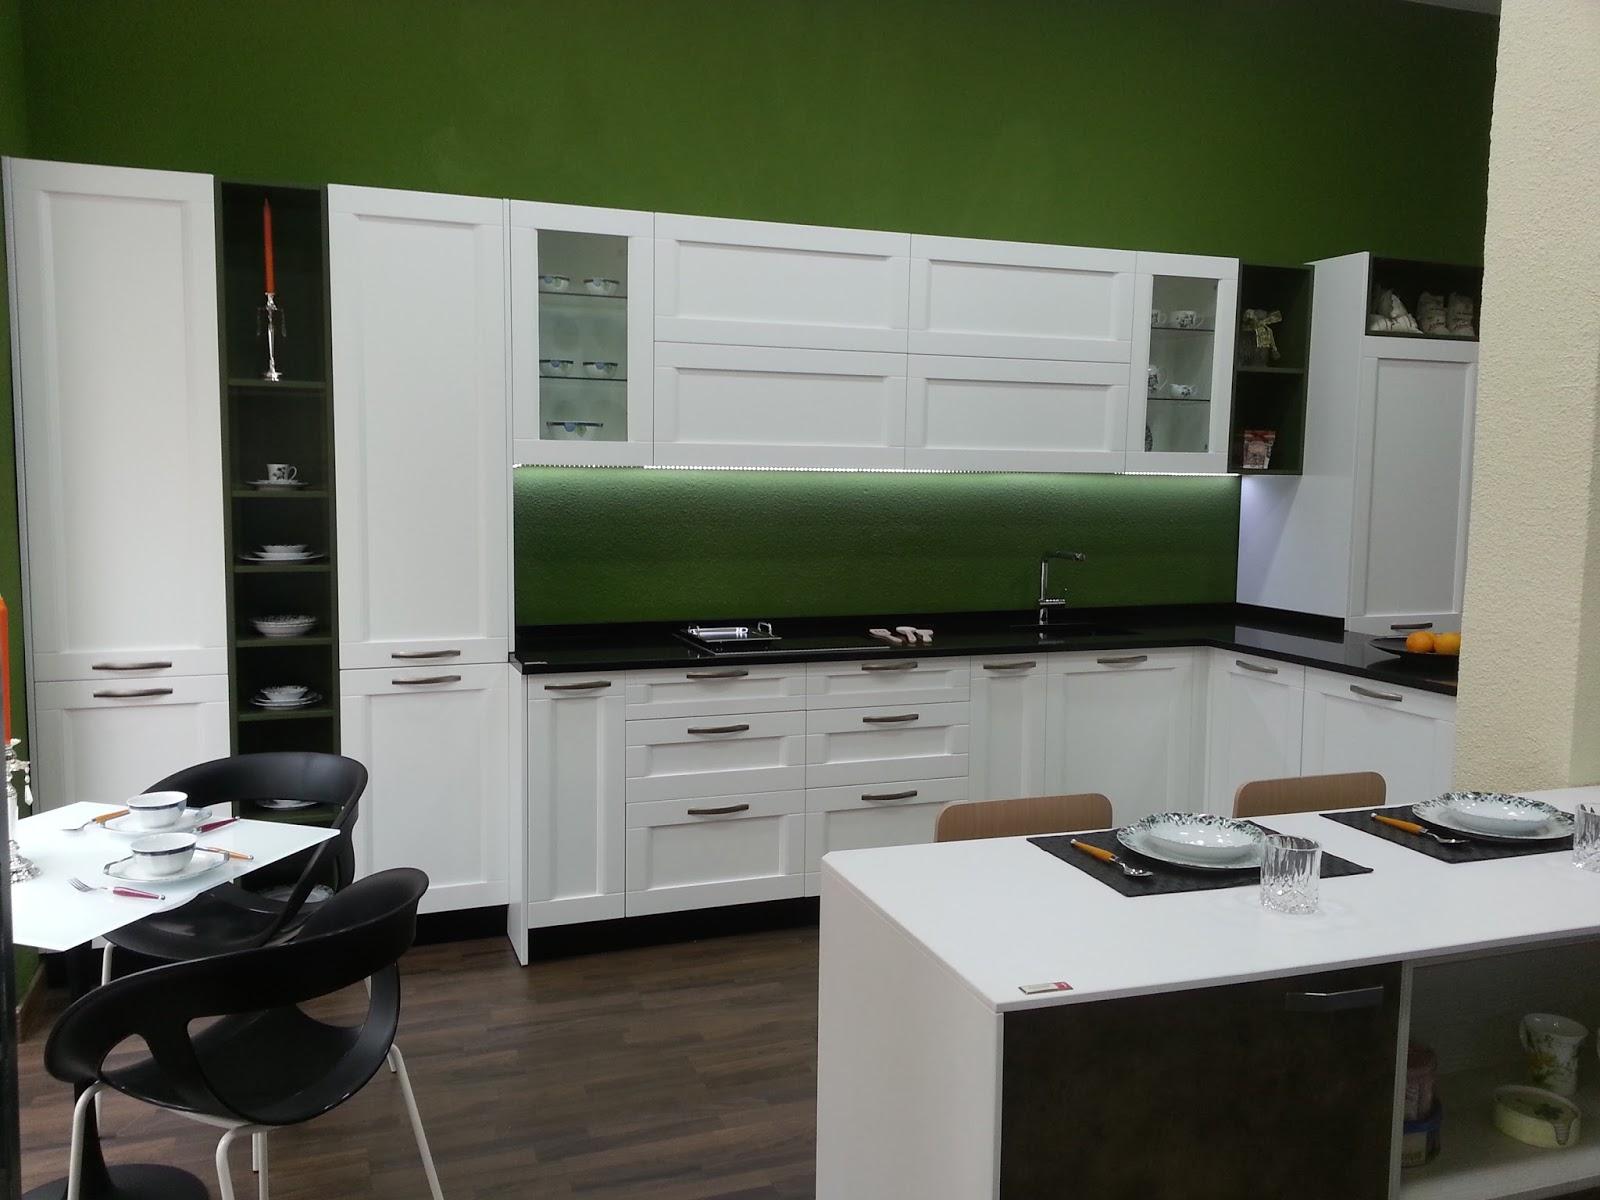 Plathoo dise o de cocinas y ba os 3d plathoo cocinas - Diseno de cocinas y banos ...